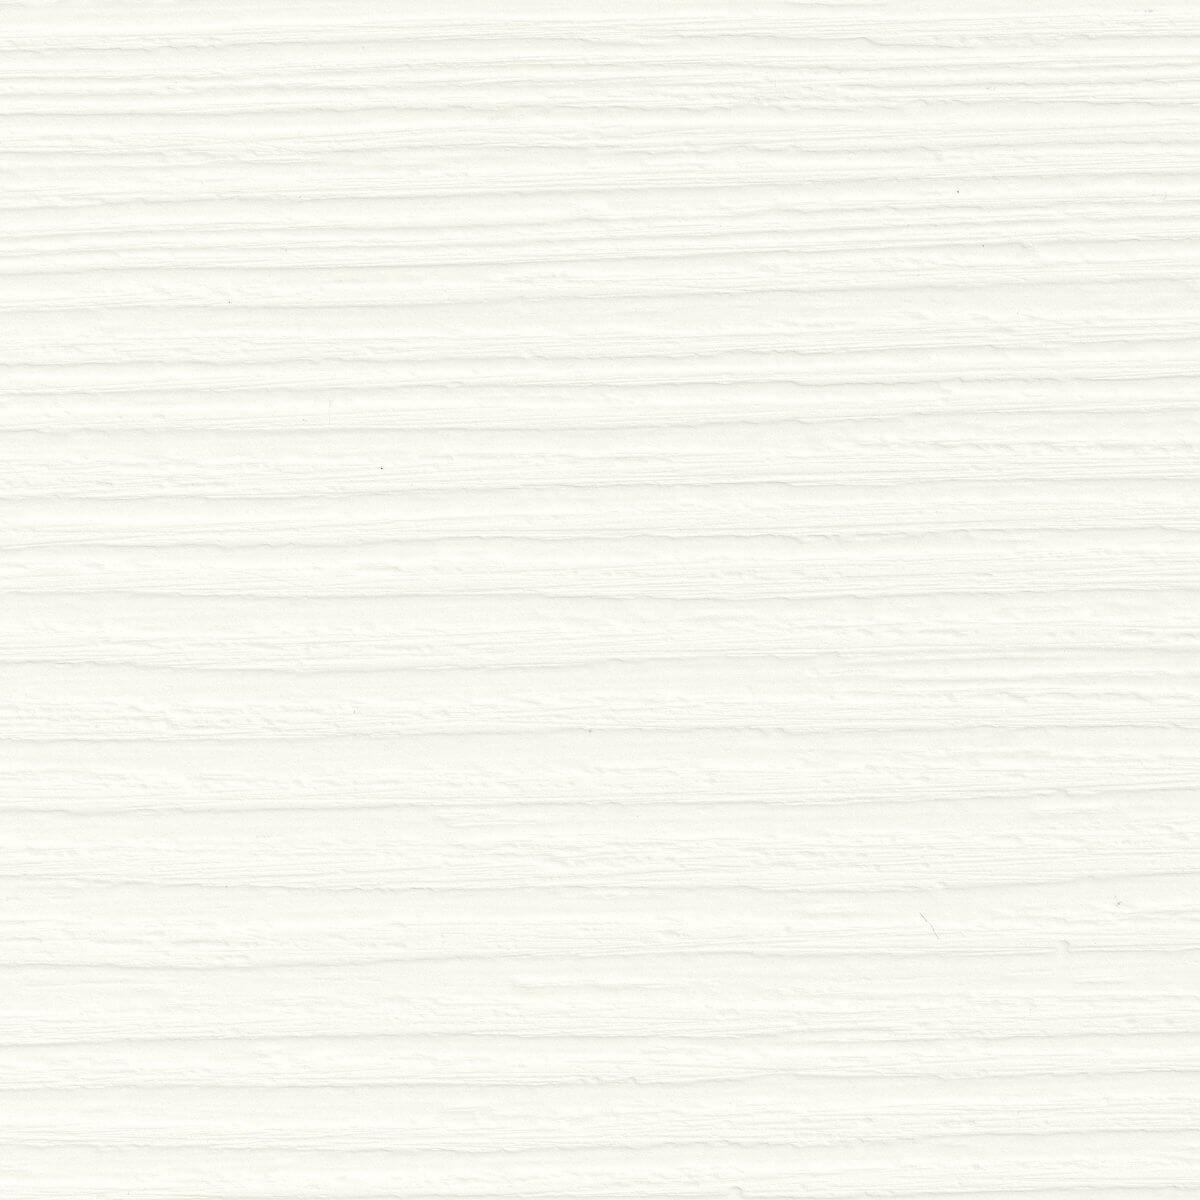 Finitura legno bianco matrix per parete in vetro